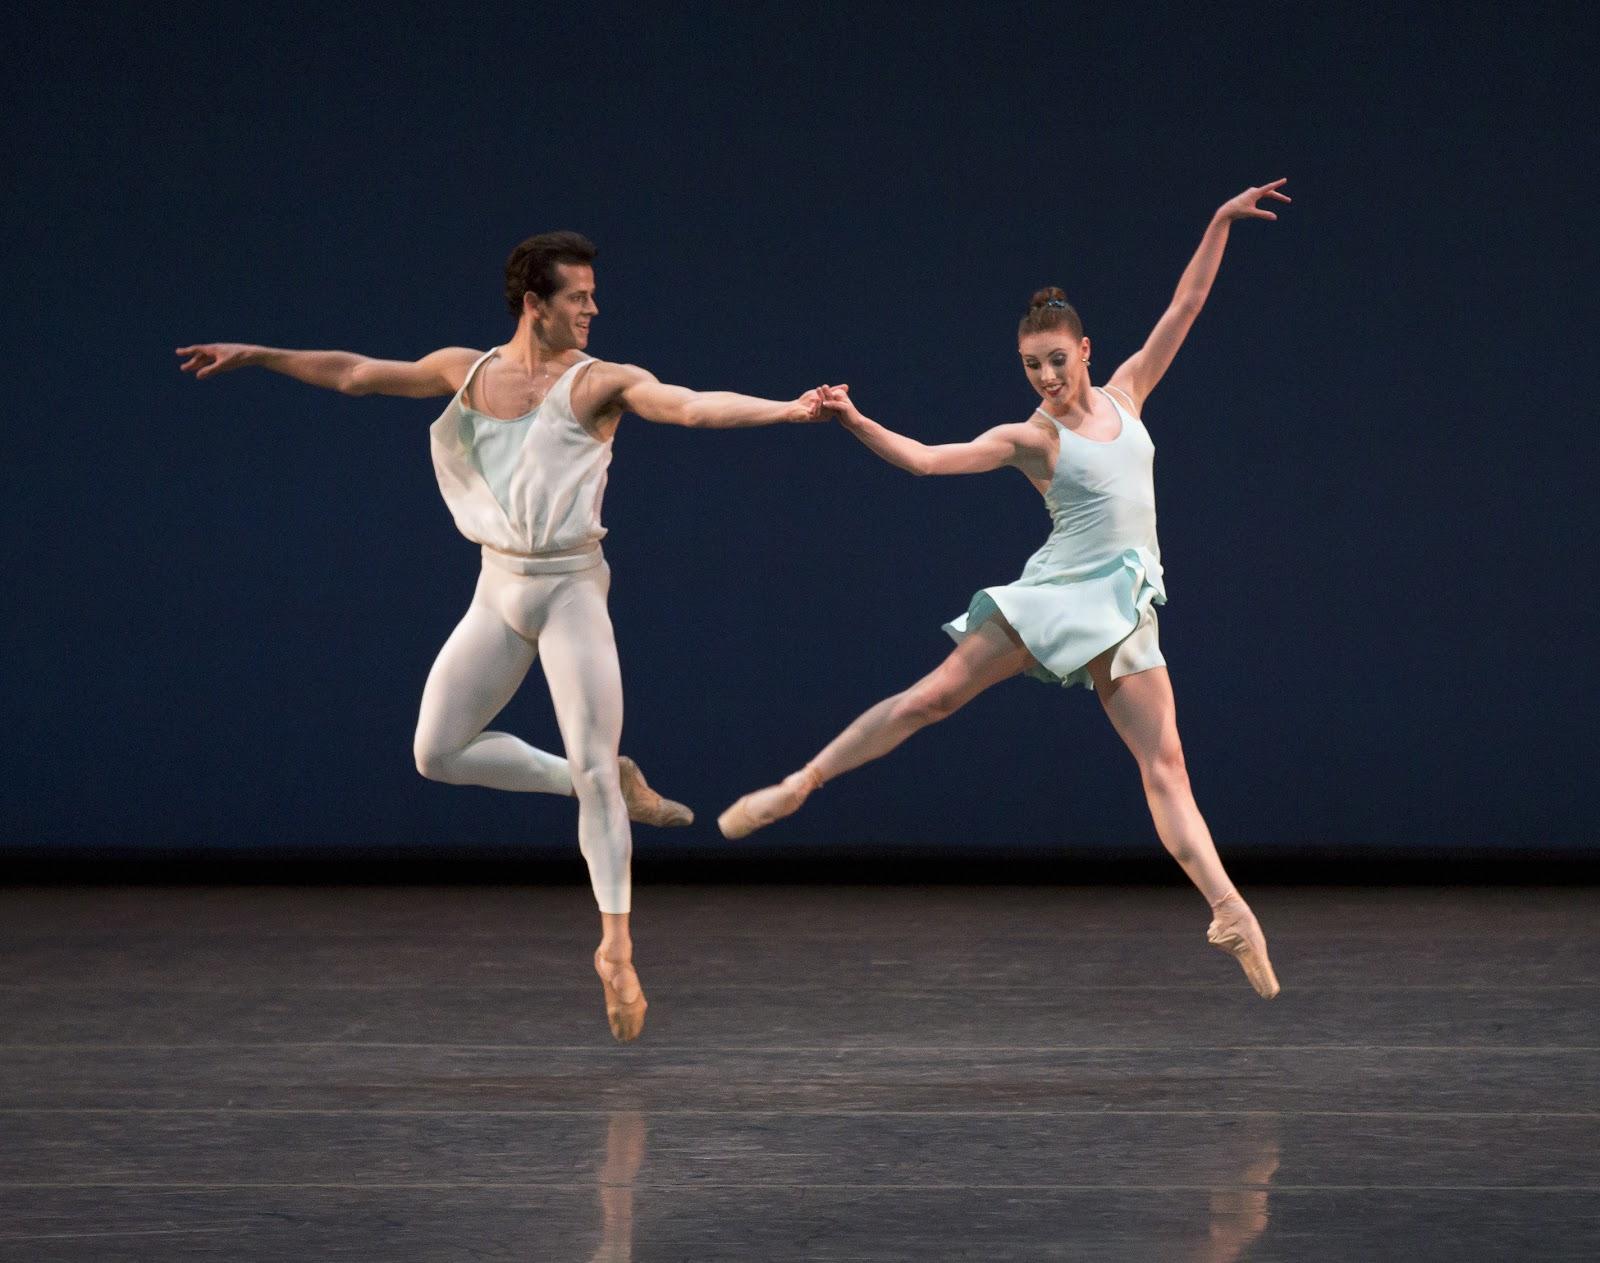 Фото известных мужчин балерин 2 фотография